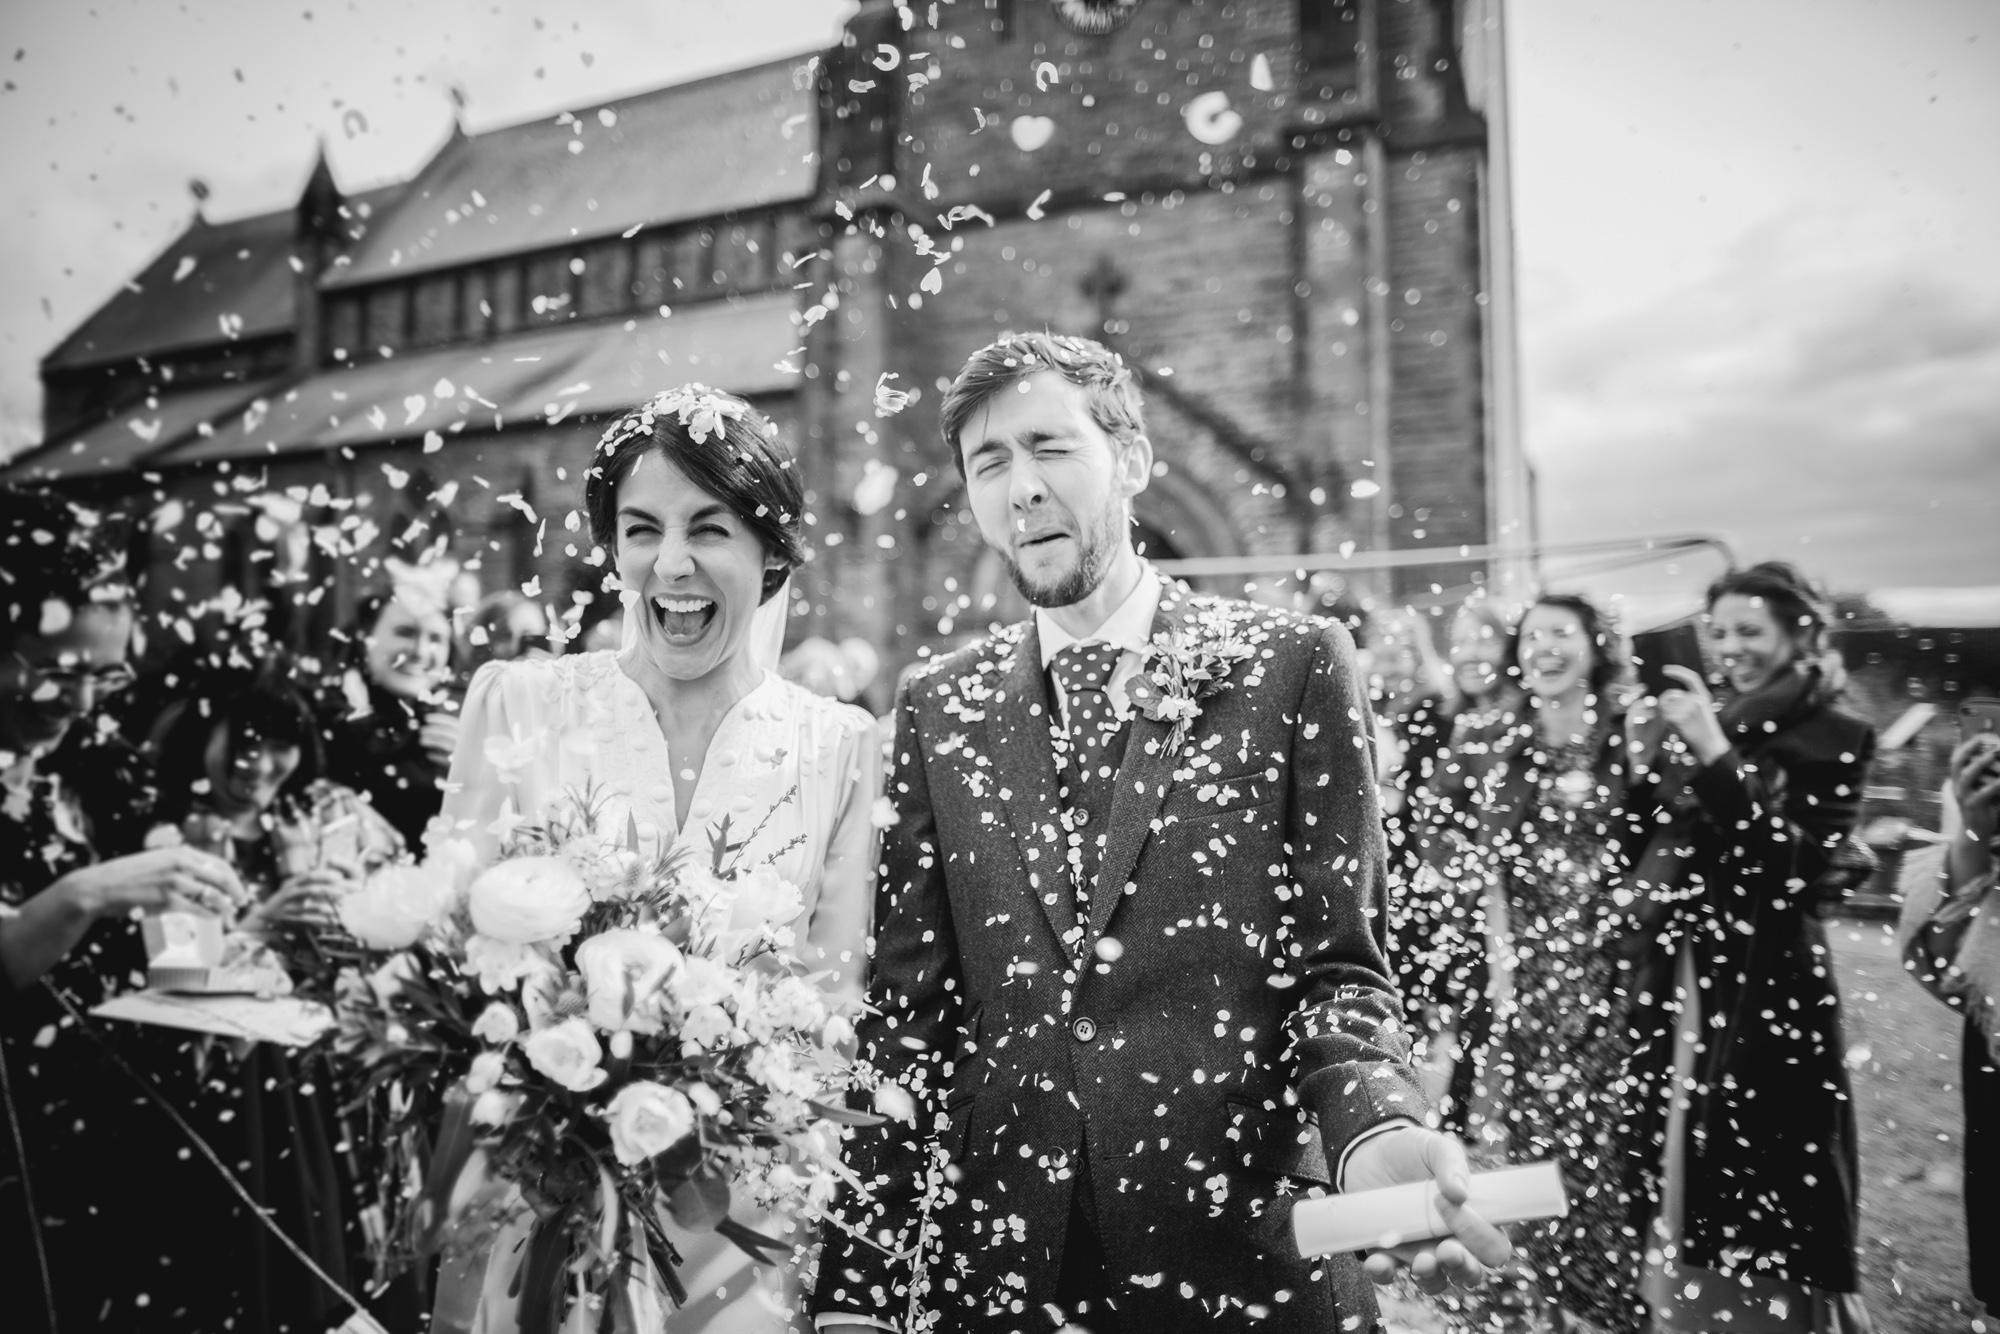 Kate-Elegant-Original-Vintage-1930s-Wedding-Gown-Kate-Beaumont-Sheffield-19.jpg